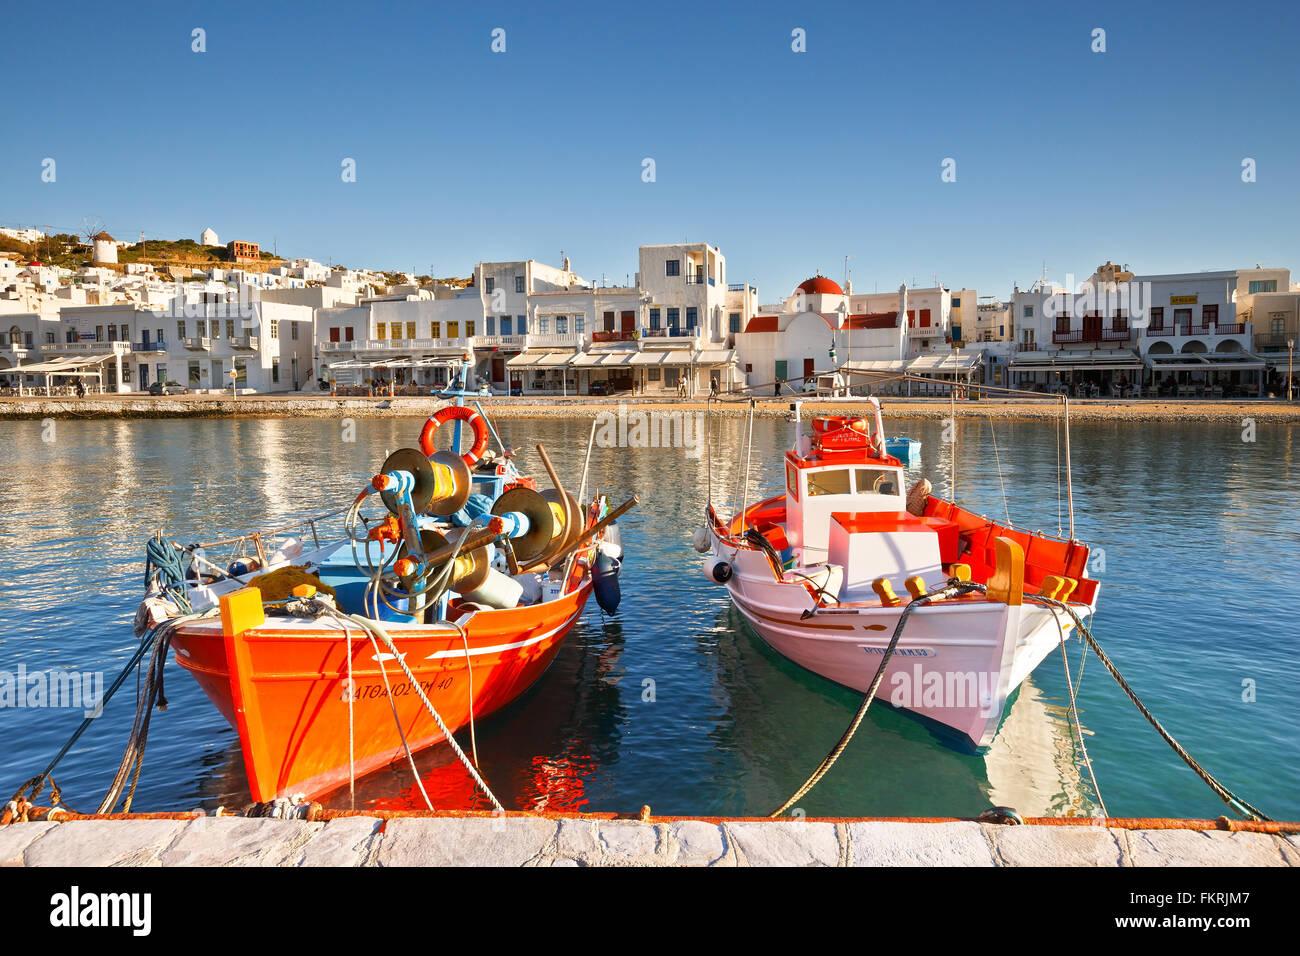 La città di Mykonos come si vede dal vecchio porto. Immagini Stock